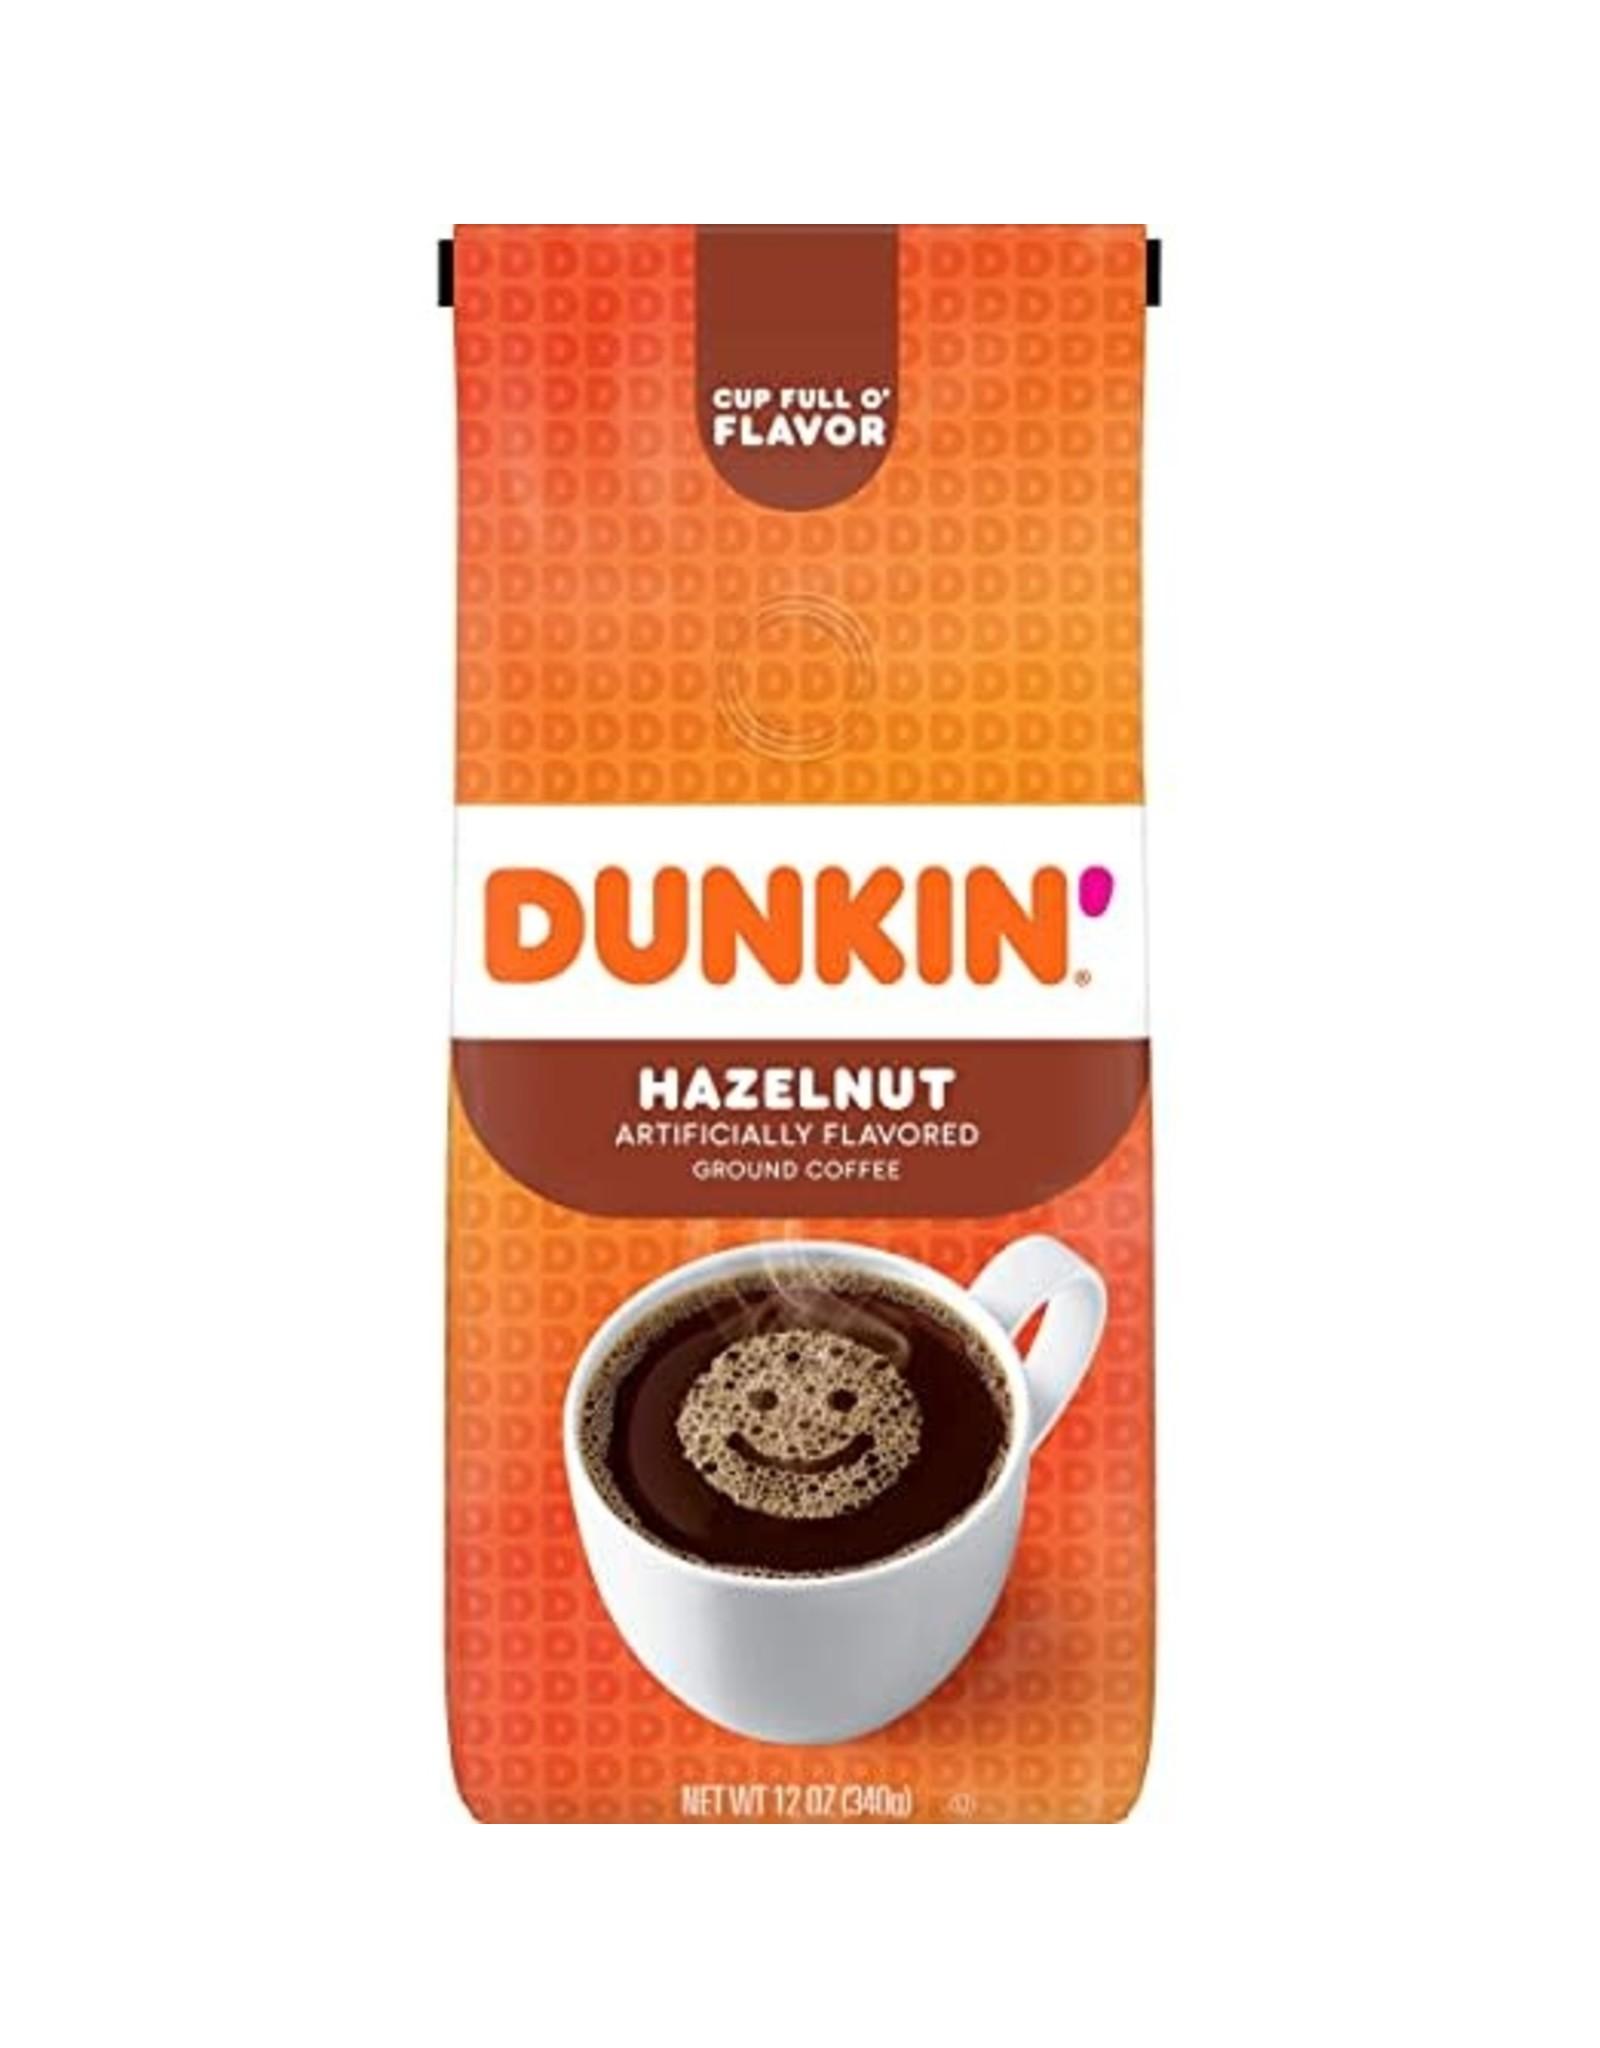 Dunkin Donuts Hazelnut Ground Coffee - 340g